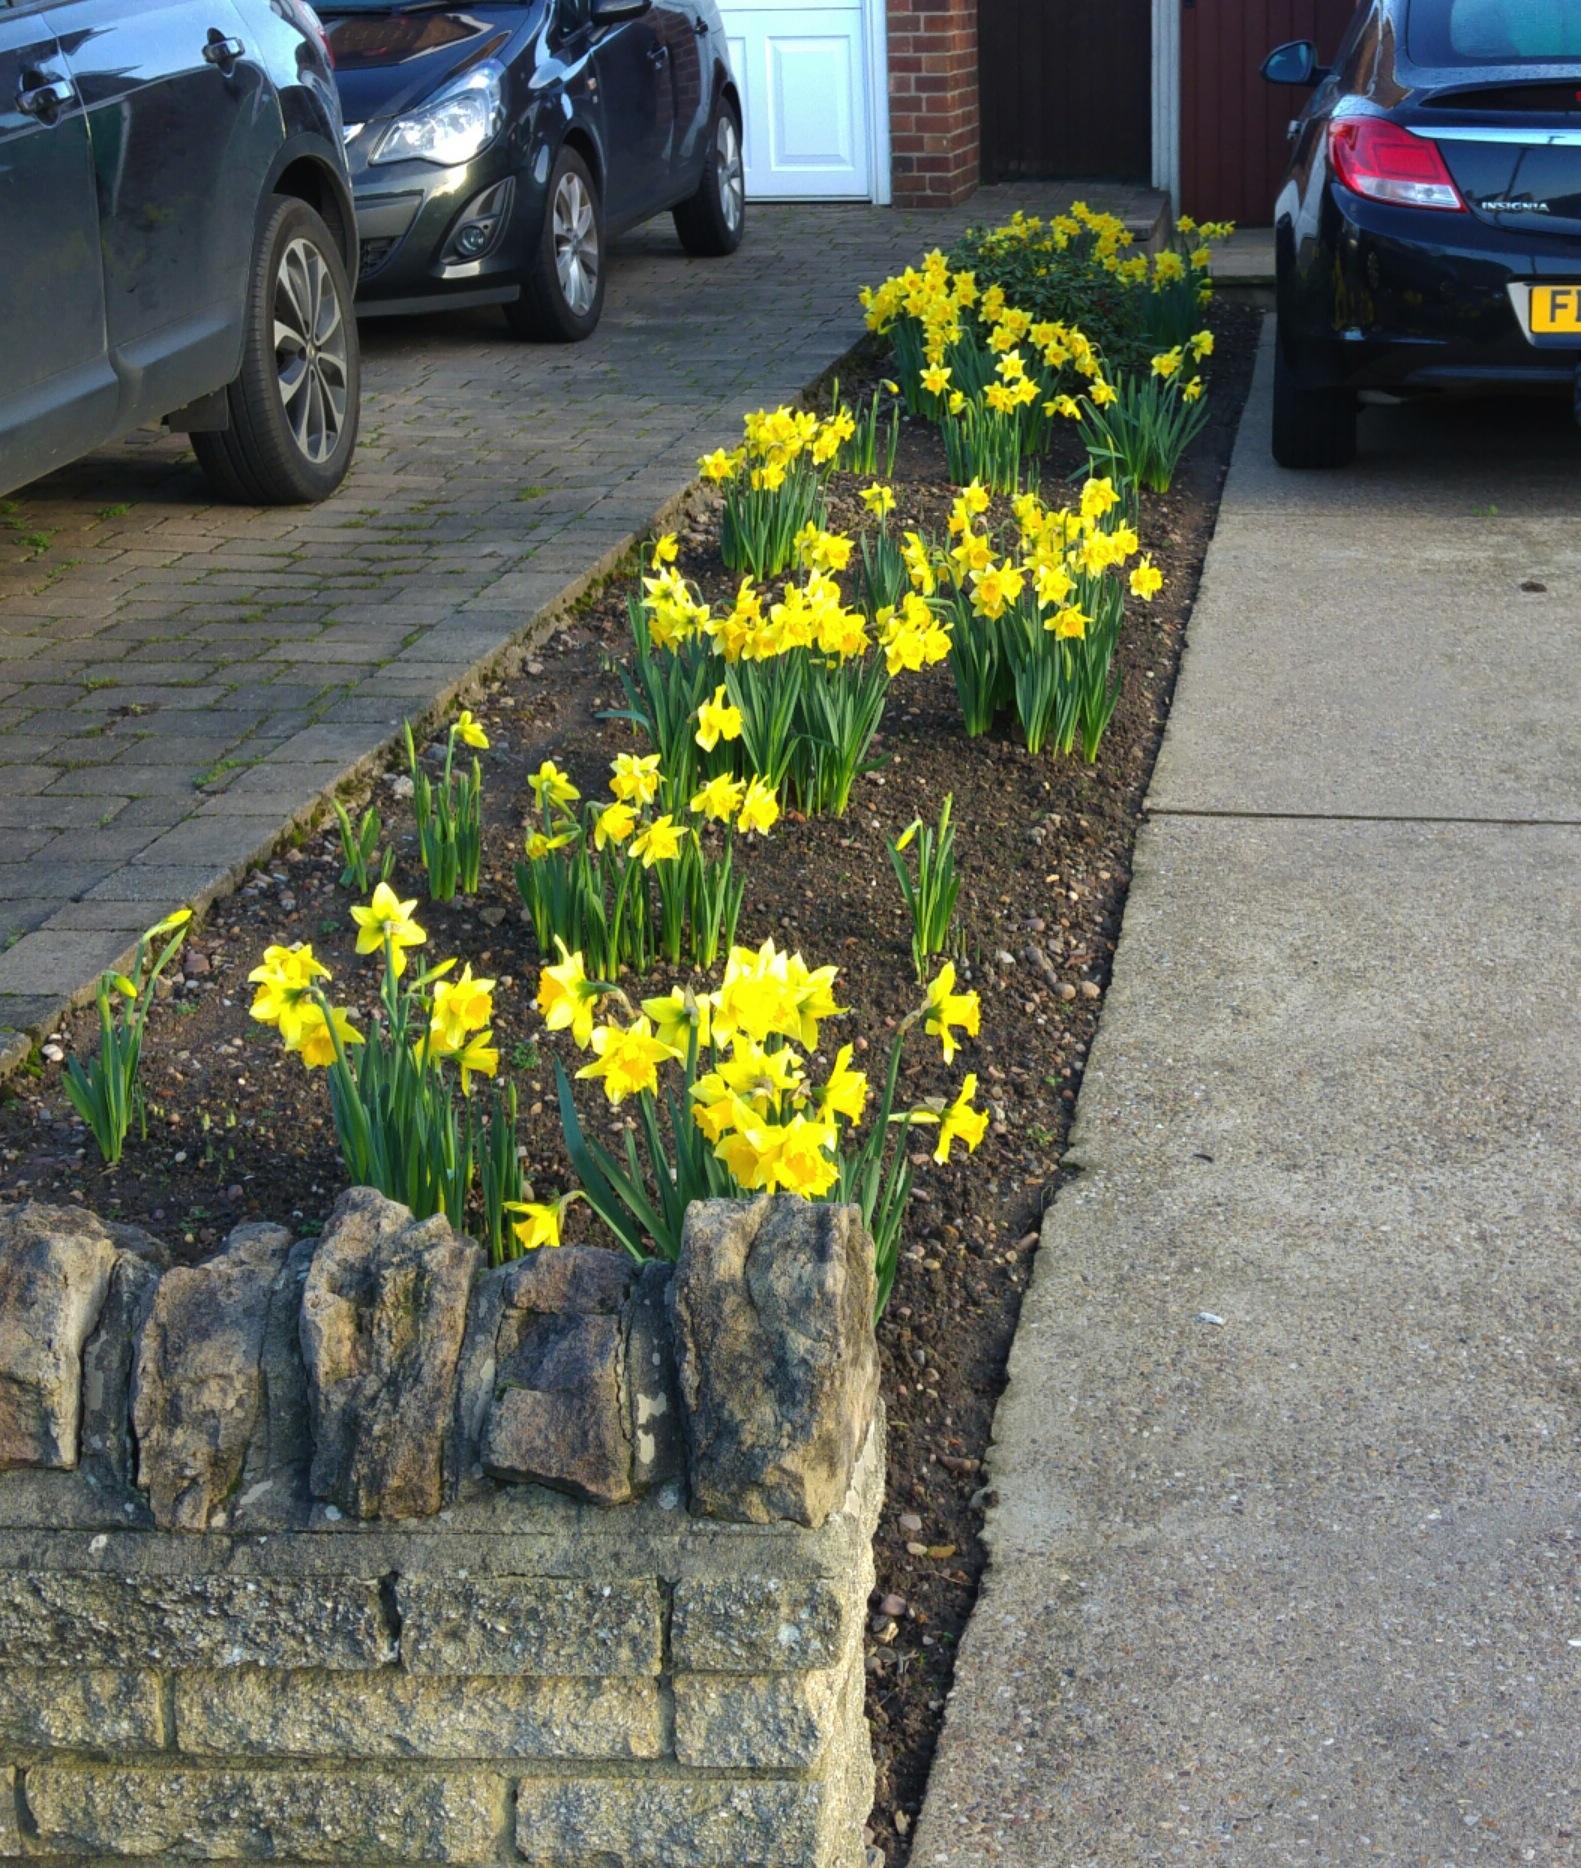 Daffodils in Wollaton